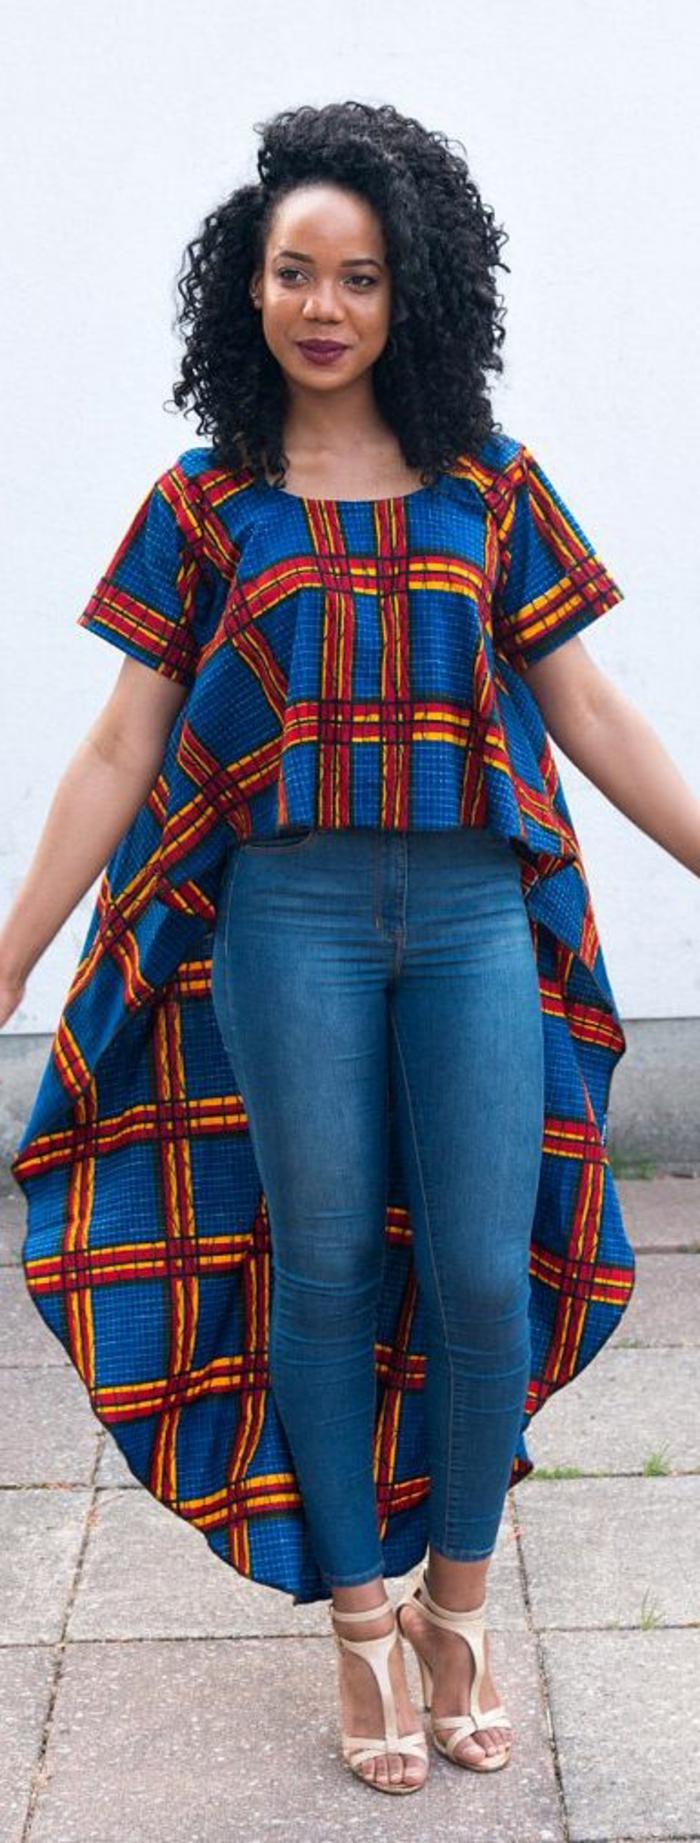 Vestiti africani di colore blu, blu jeans vita alta, maglietta lunga dietro, ragazza con capelli ricci